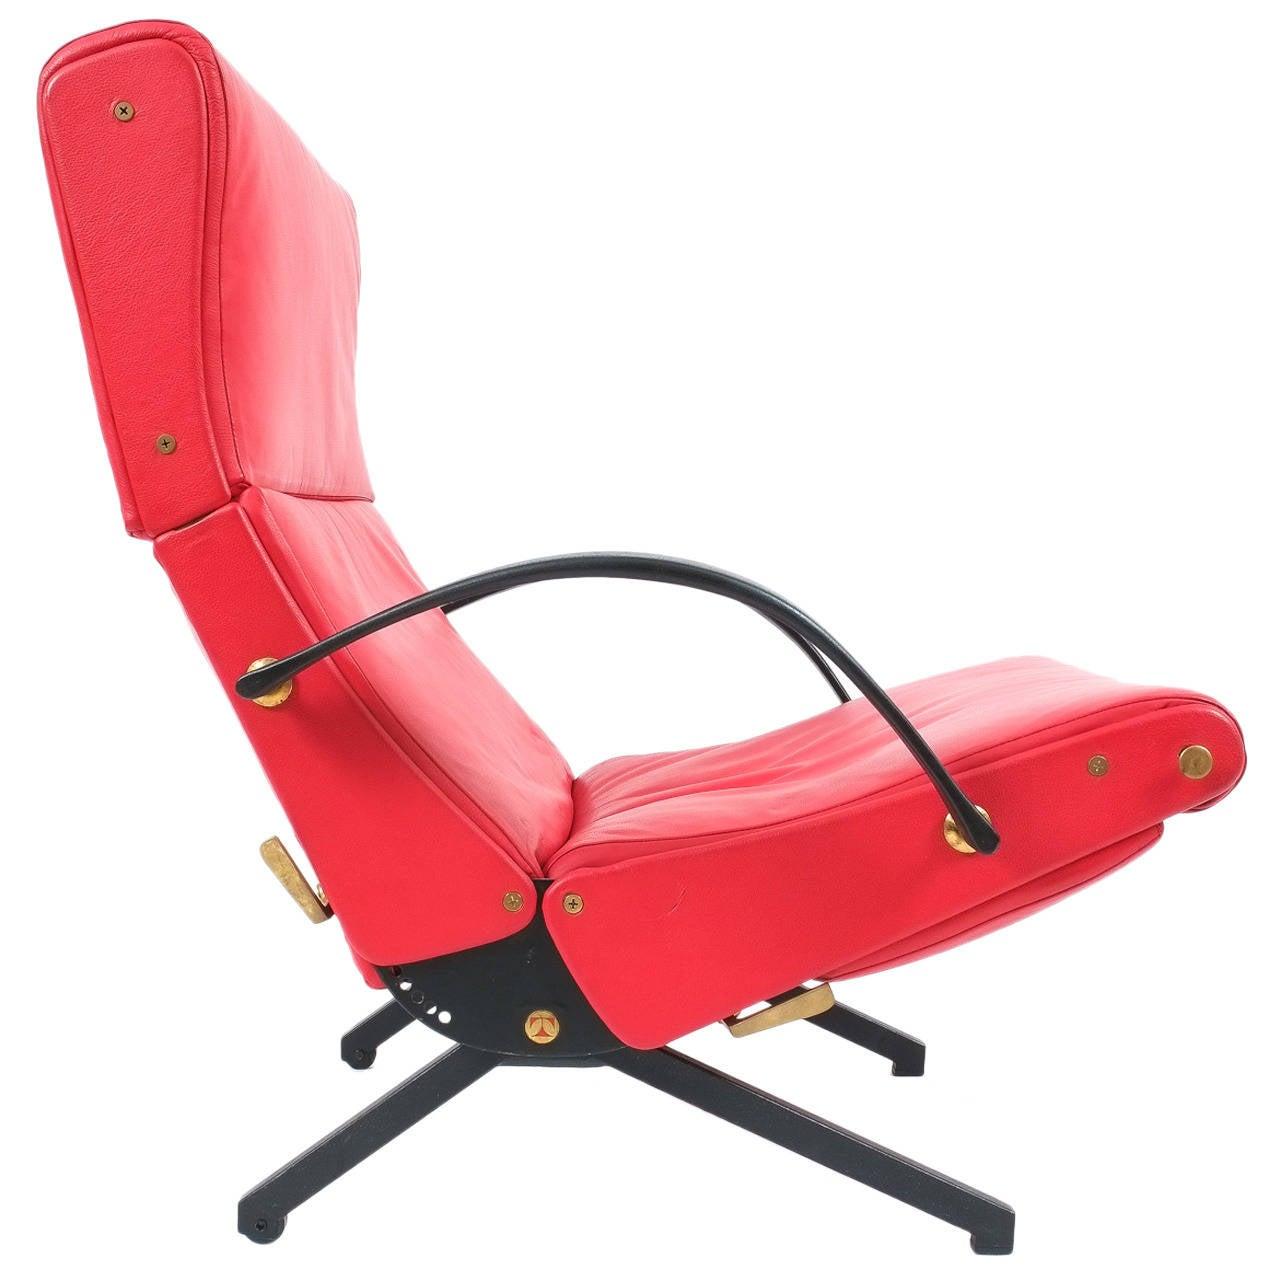 Osvaldo Borsani P40 armchair, ca. 1955